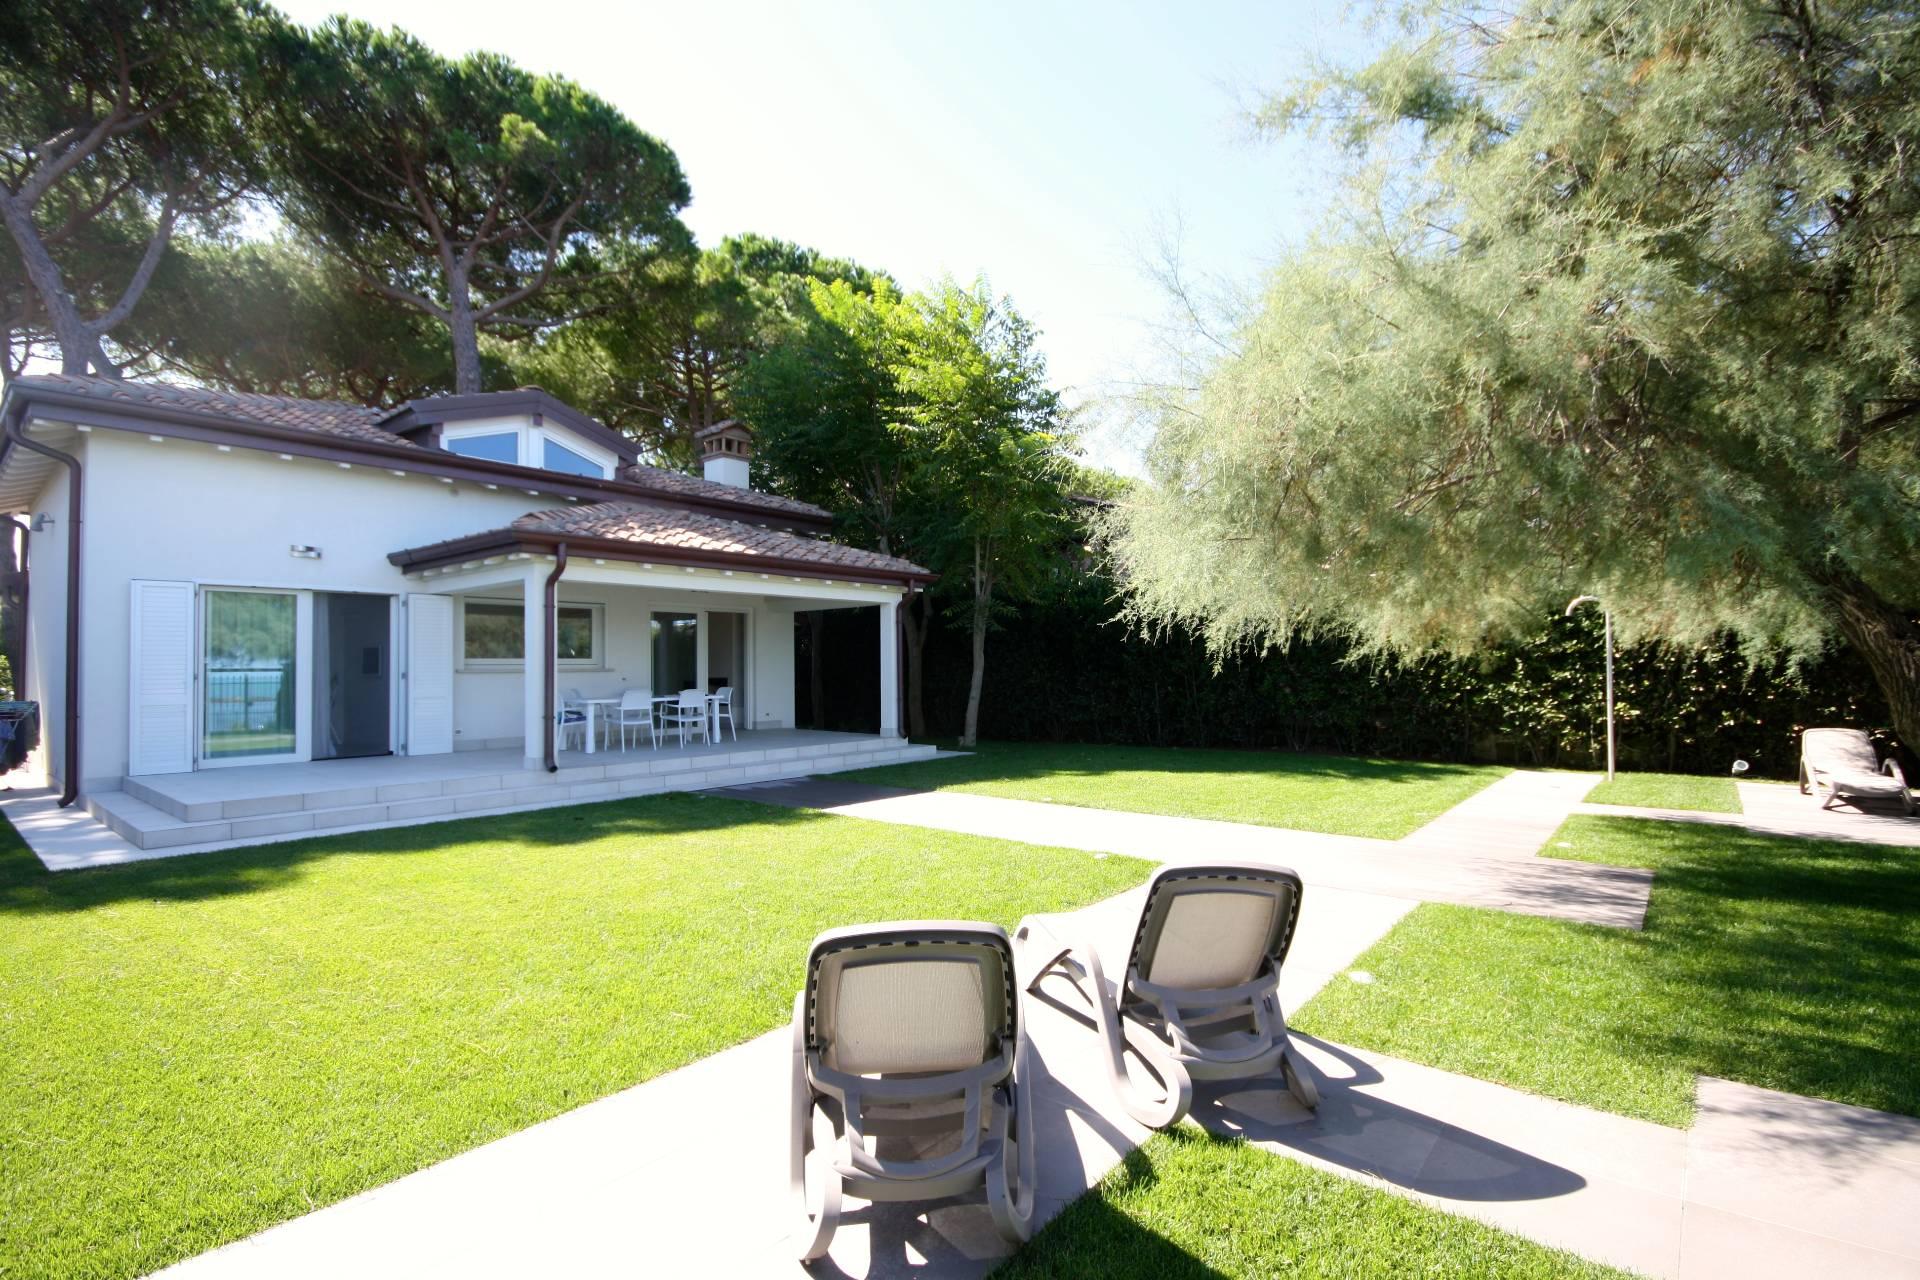 Villa in vendita a Orbetello, 4 locali, zona Zona: Giannella, prezzo € 1.200.000   Cambio Casa.it